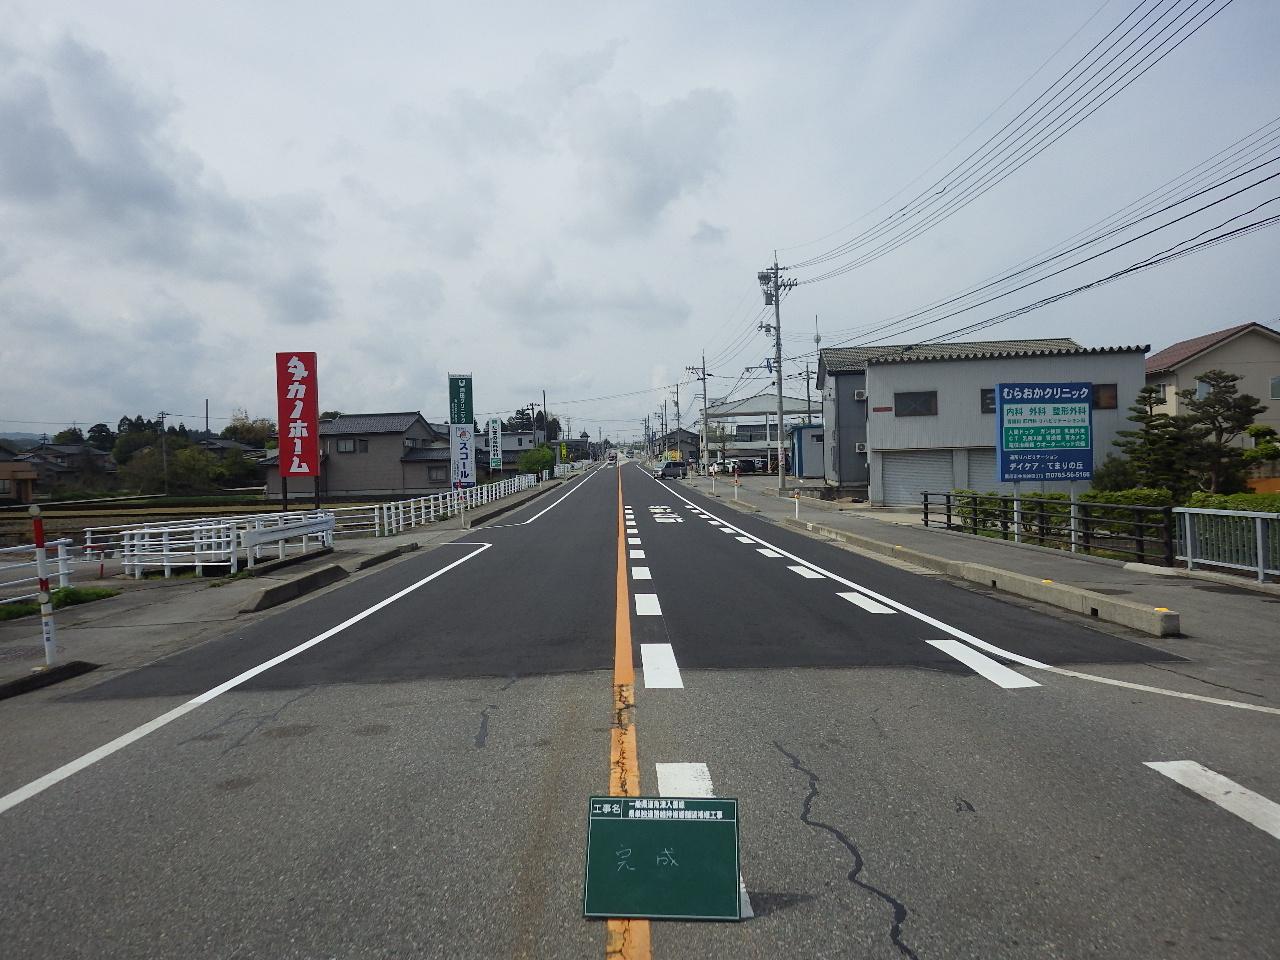 2017年 県道魚津入善線 舗装補修工事